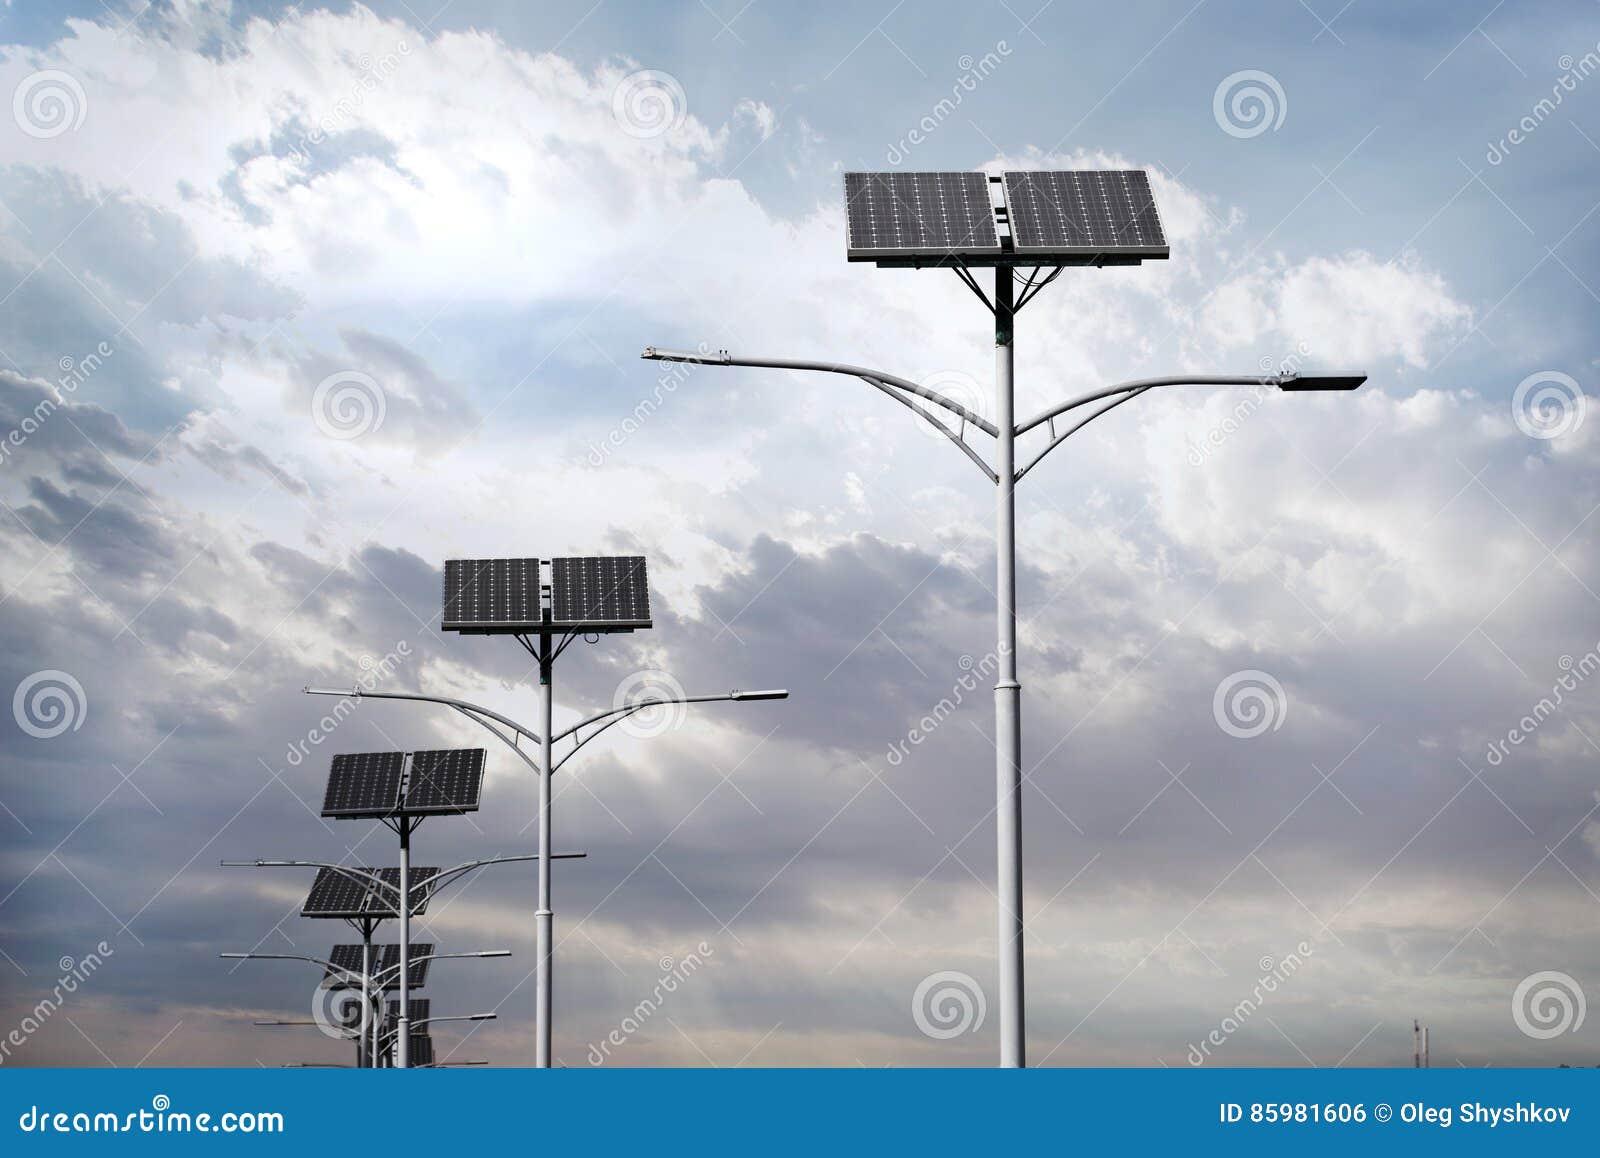 Pannelli solari usati per illuminazione di via fotografia stock